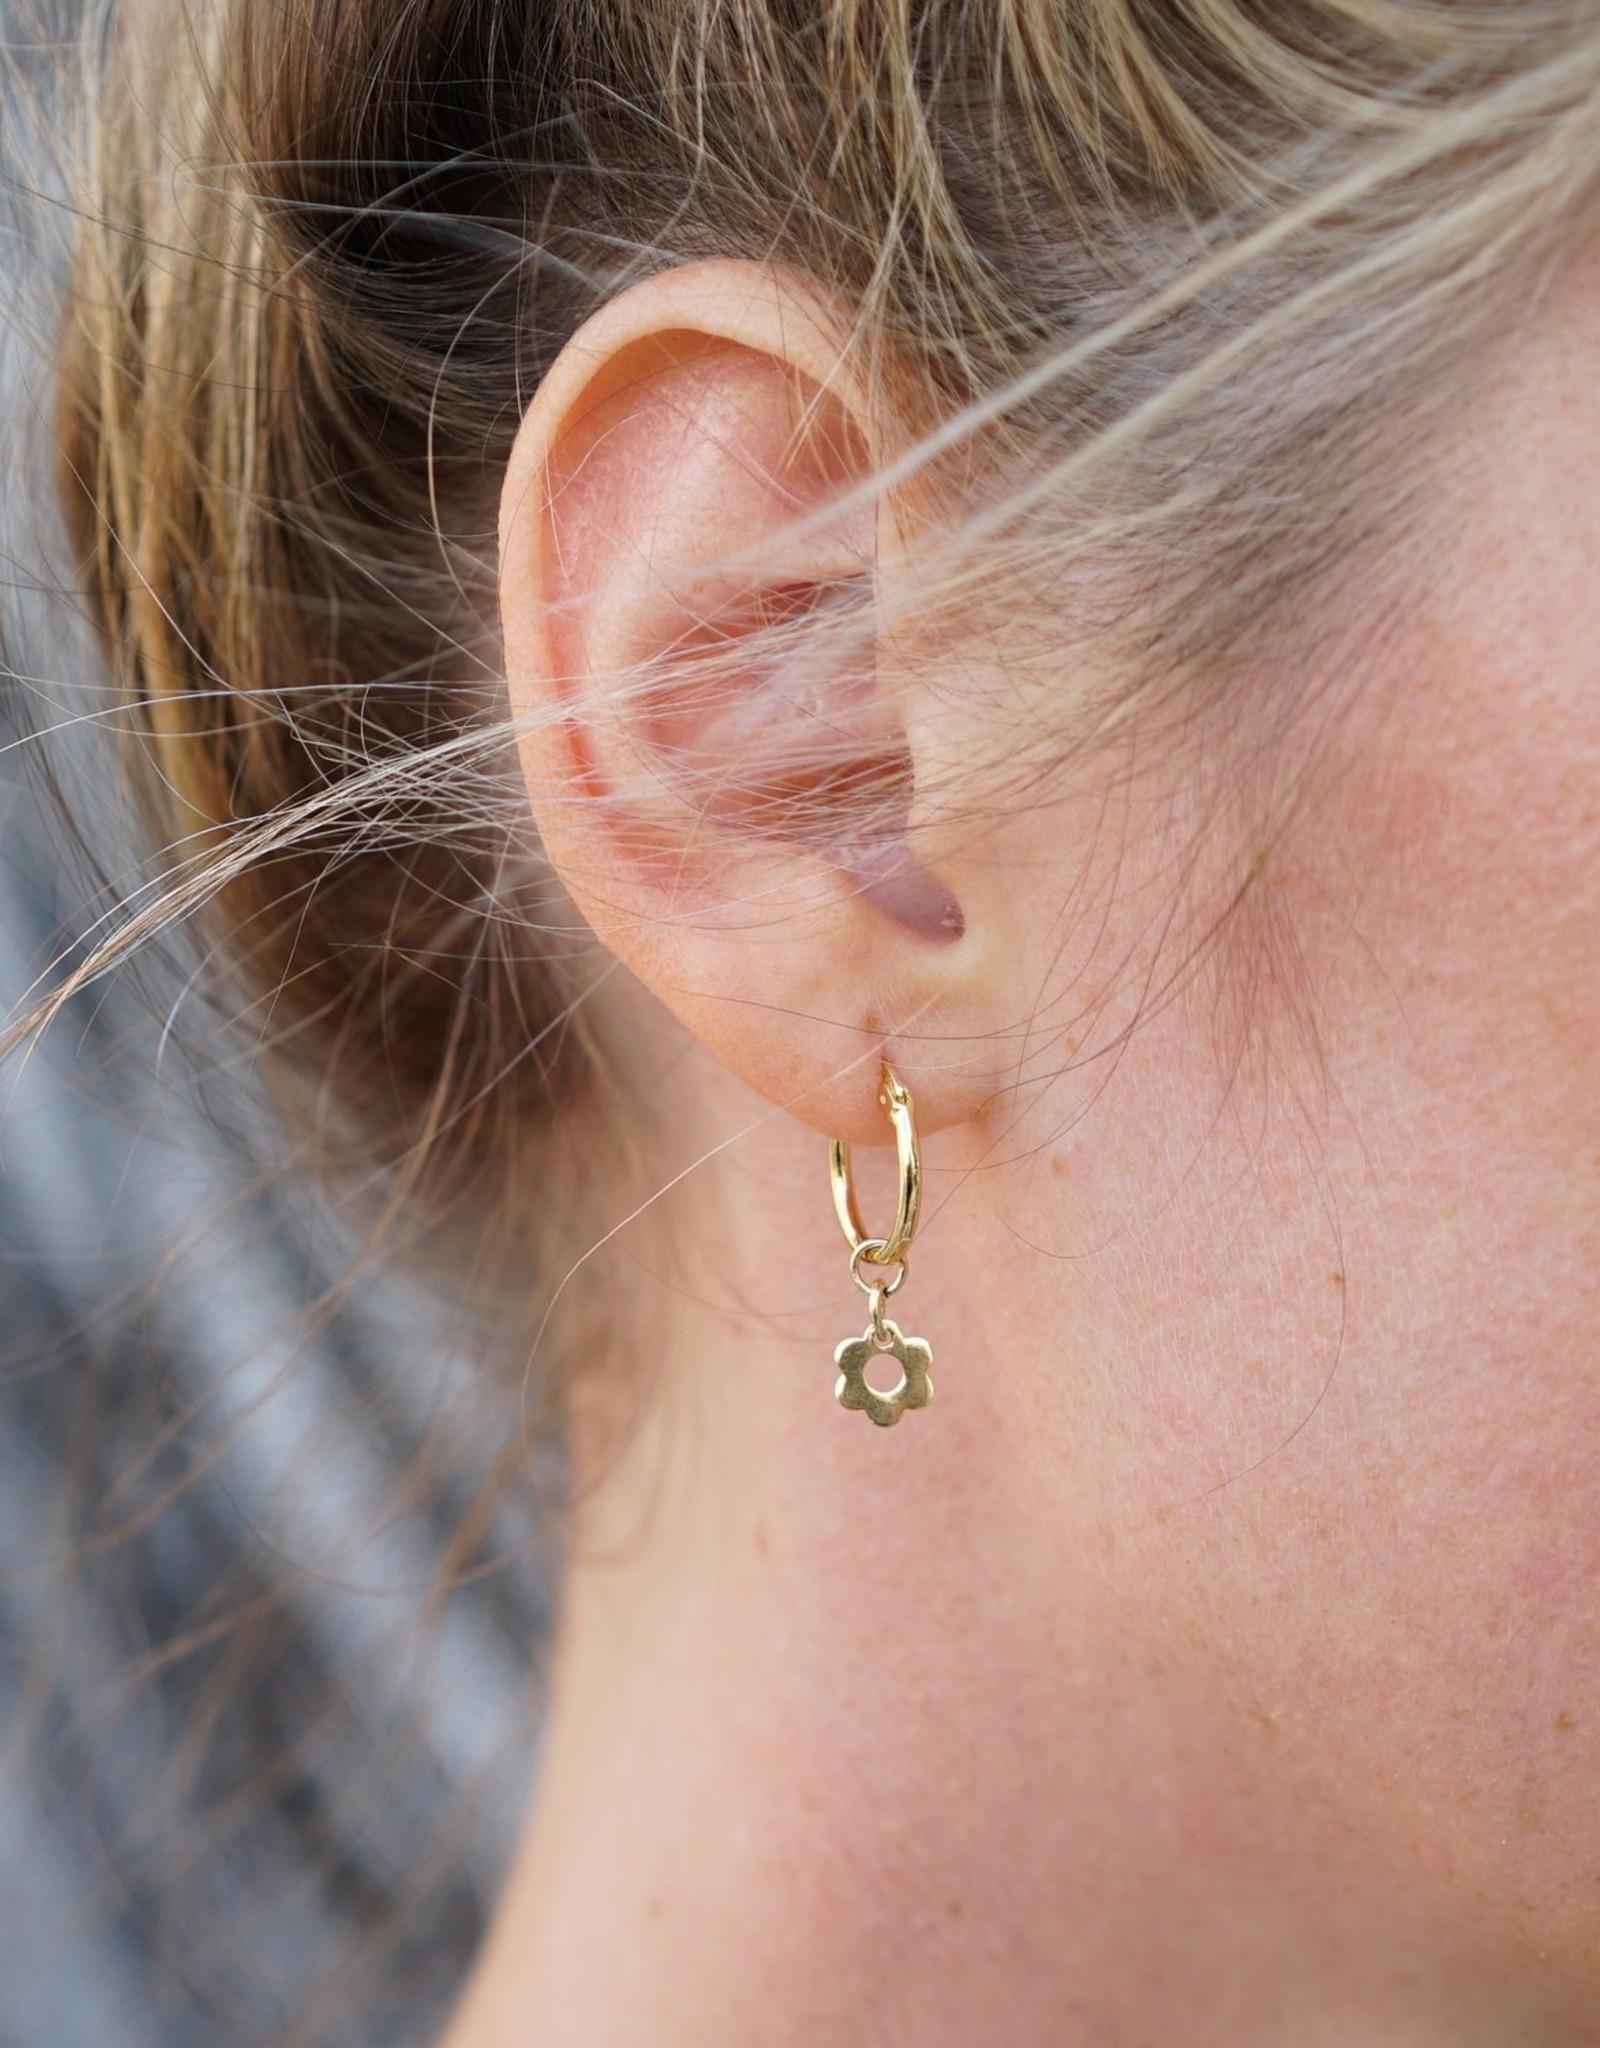 f.y.b. f.y.b. - Earrings Kaia Hoop Flower Silver